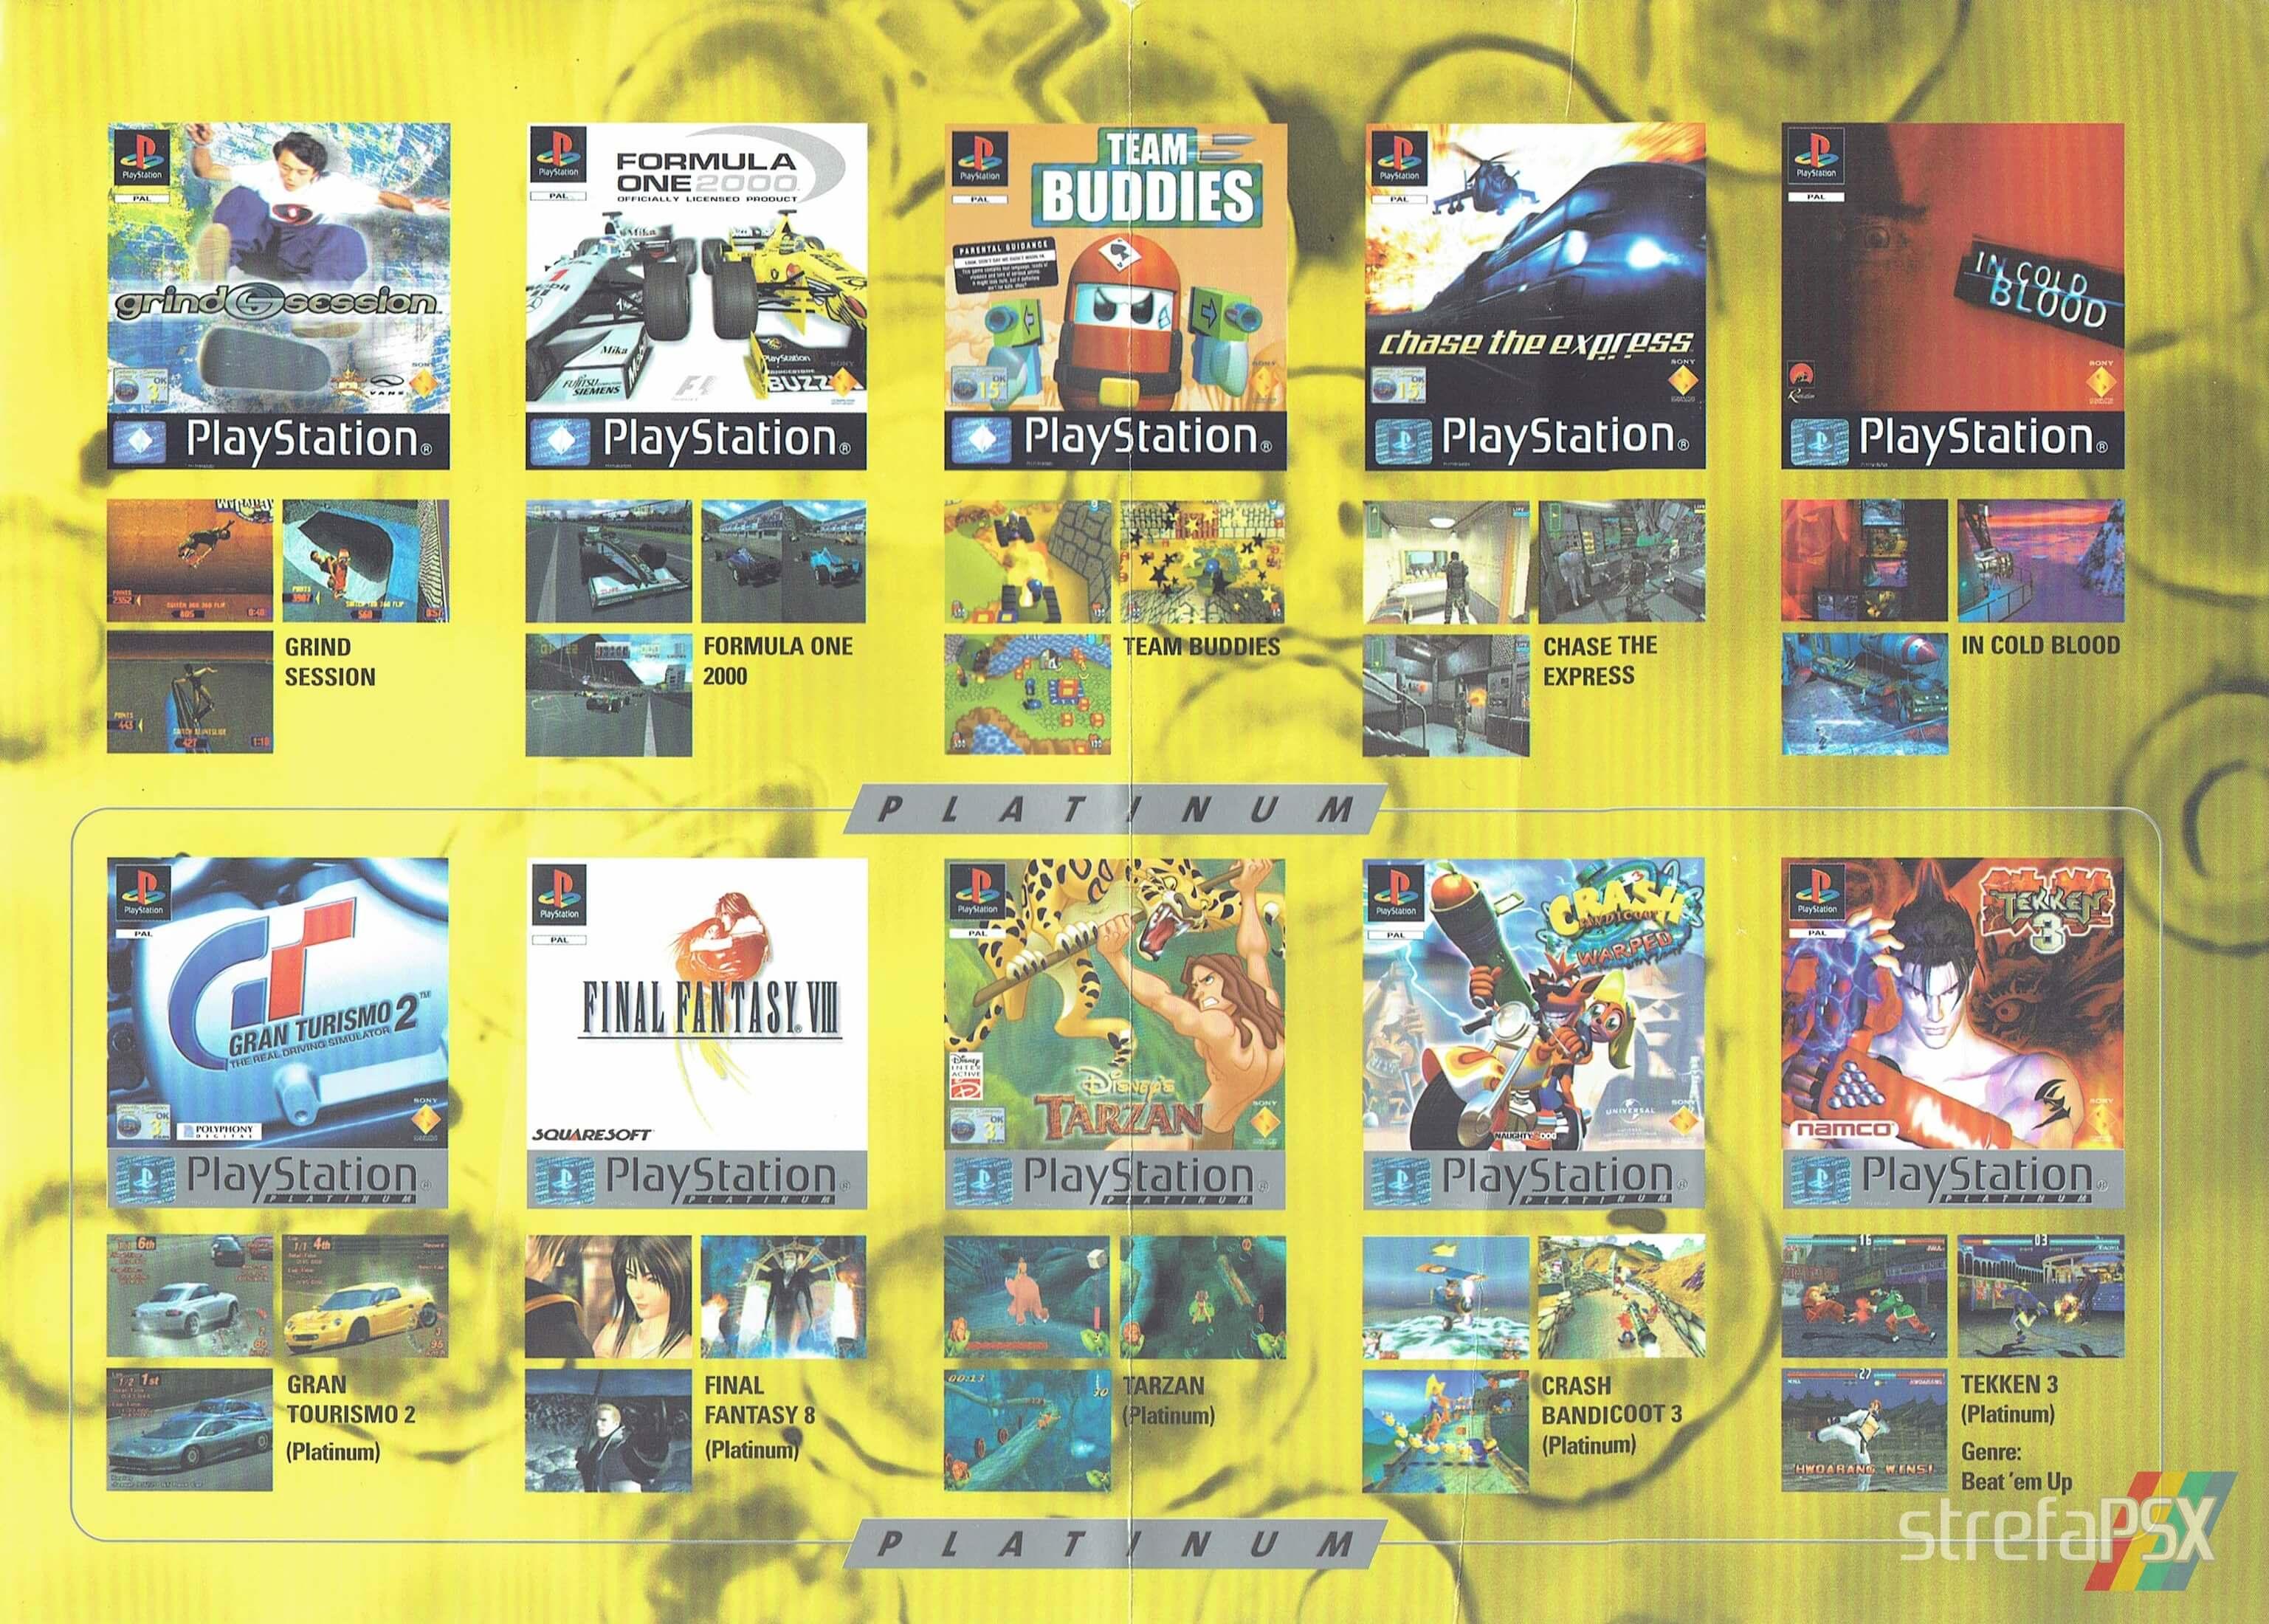 broszura reklamowa psx 204 - Broszury reklamowe PlayStation z dawnych lat